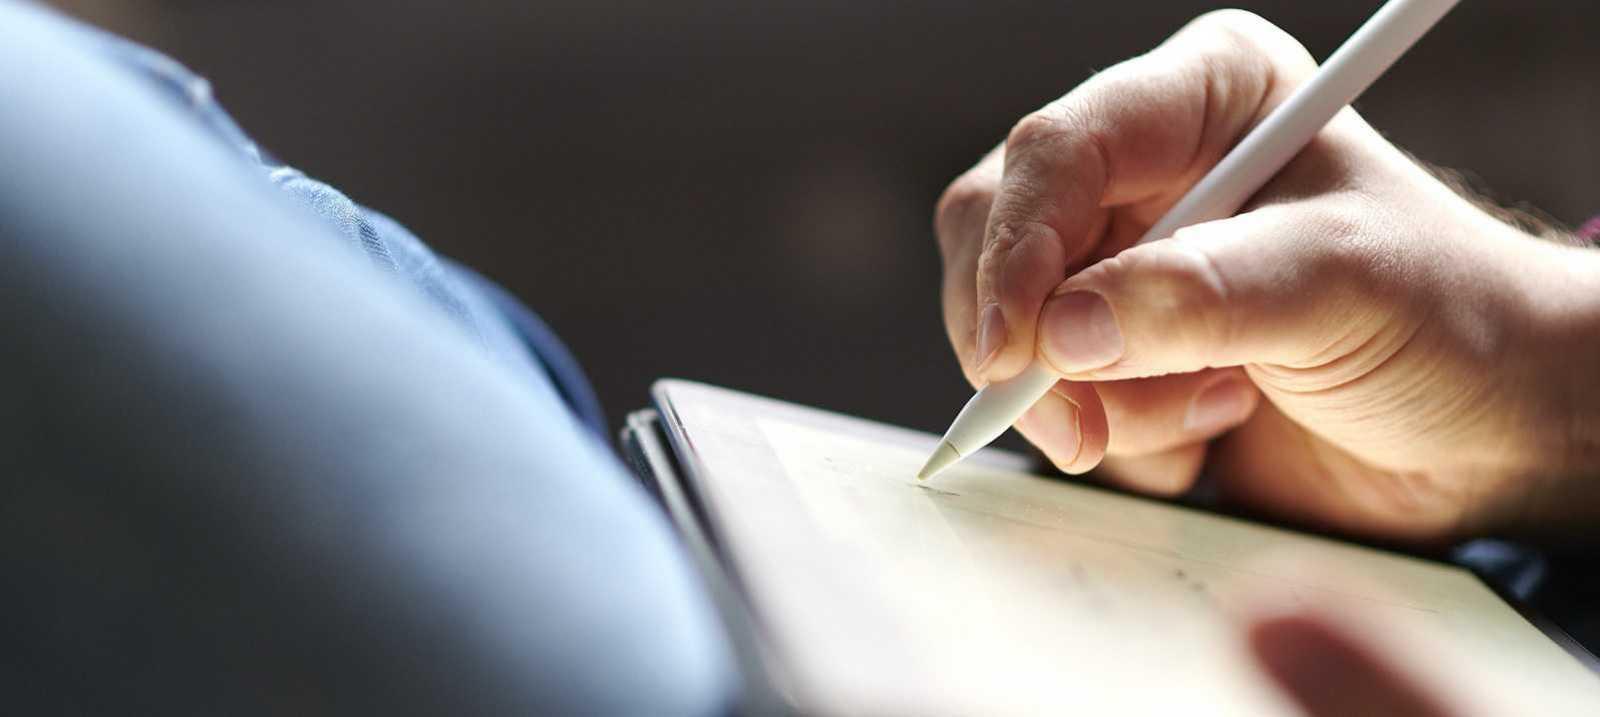 auf einem Tablet schreiben